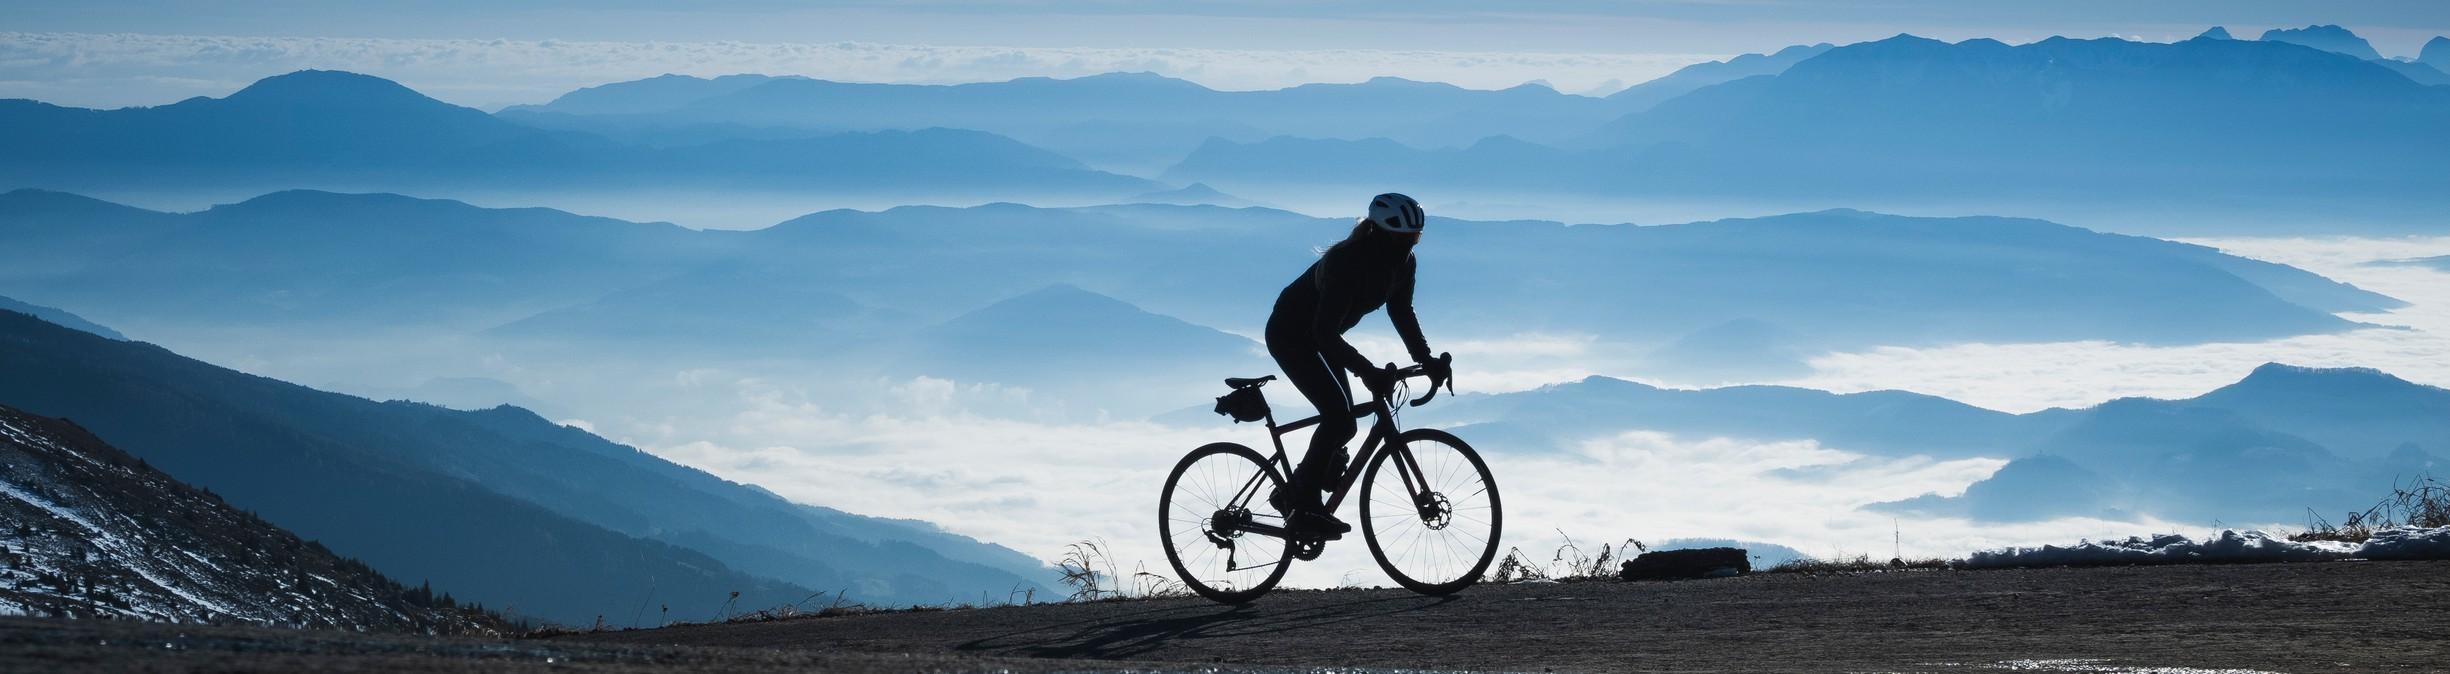 Fahrradfahrer auf Rennrad. Im Hintergrund Berge.